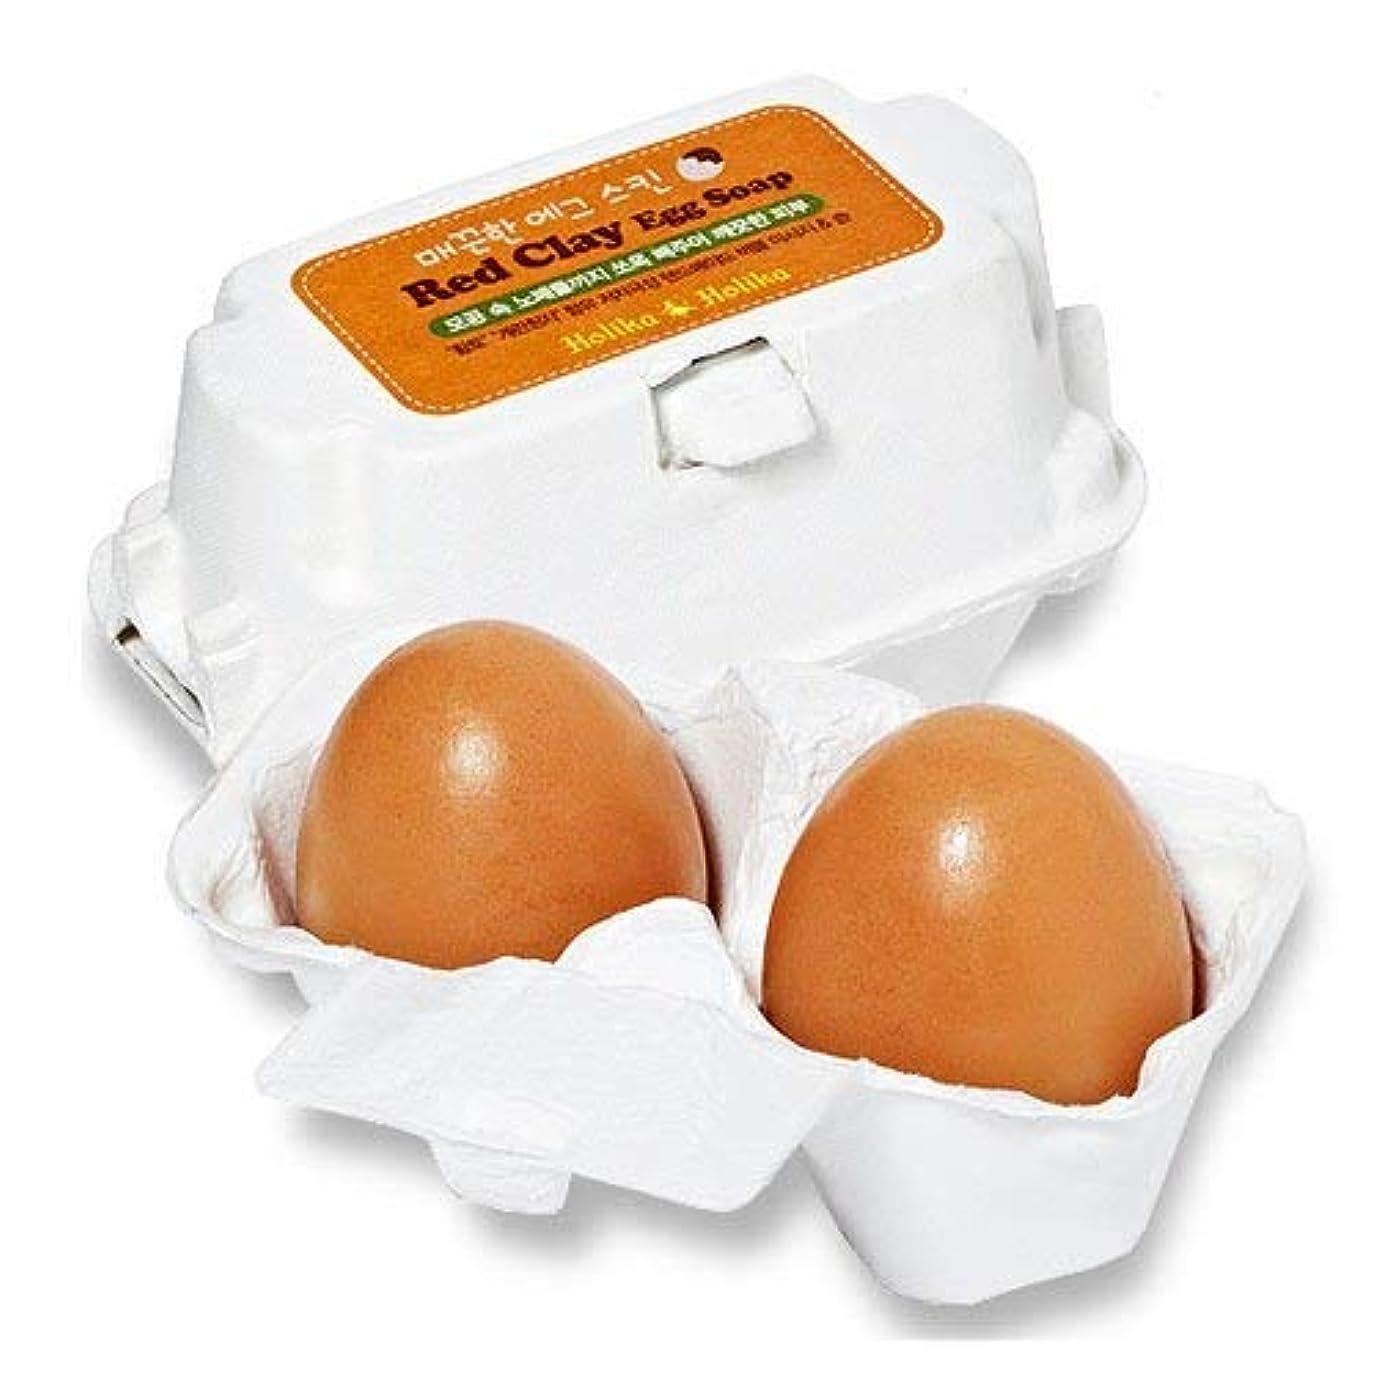 混合したミント正しい[黄土/Red Clay] Holika Holika Egg Skin Egg Soap ホリカホリカ エッグスキン エッグソープ (50g*2個) [並行輸入品]